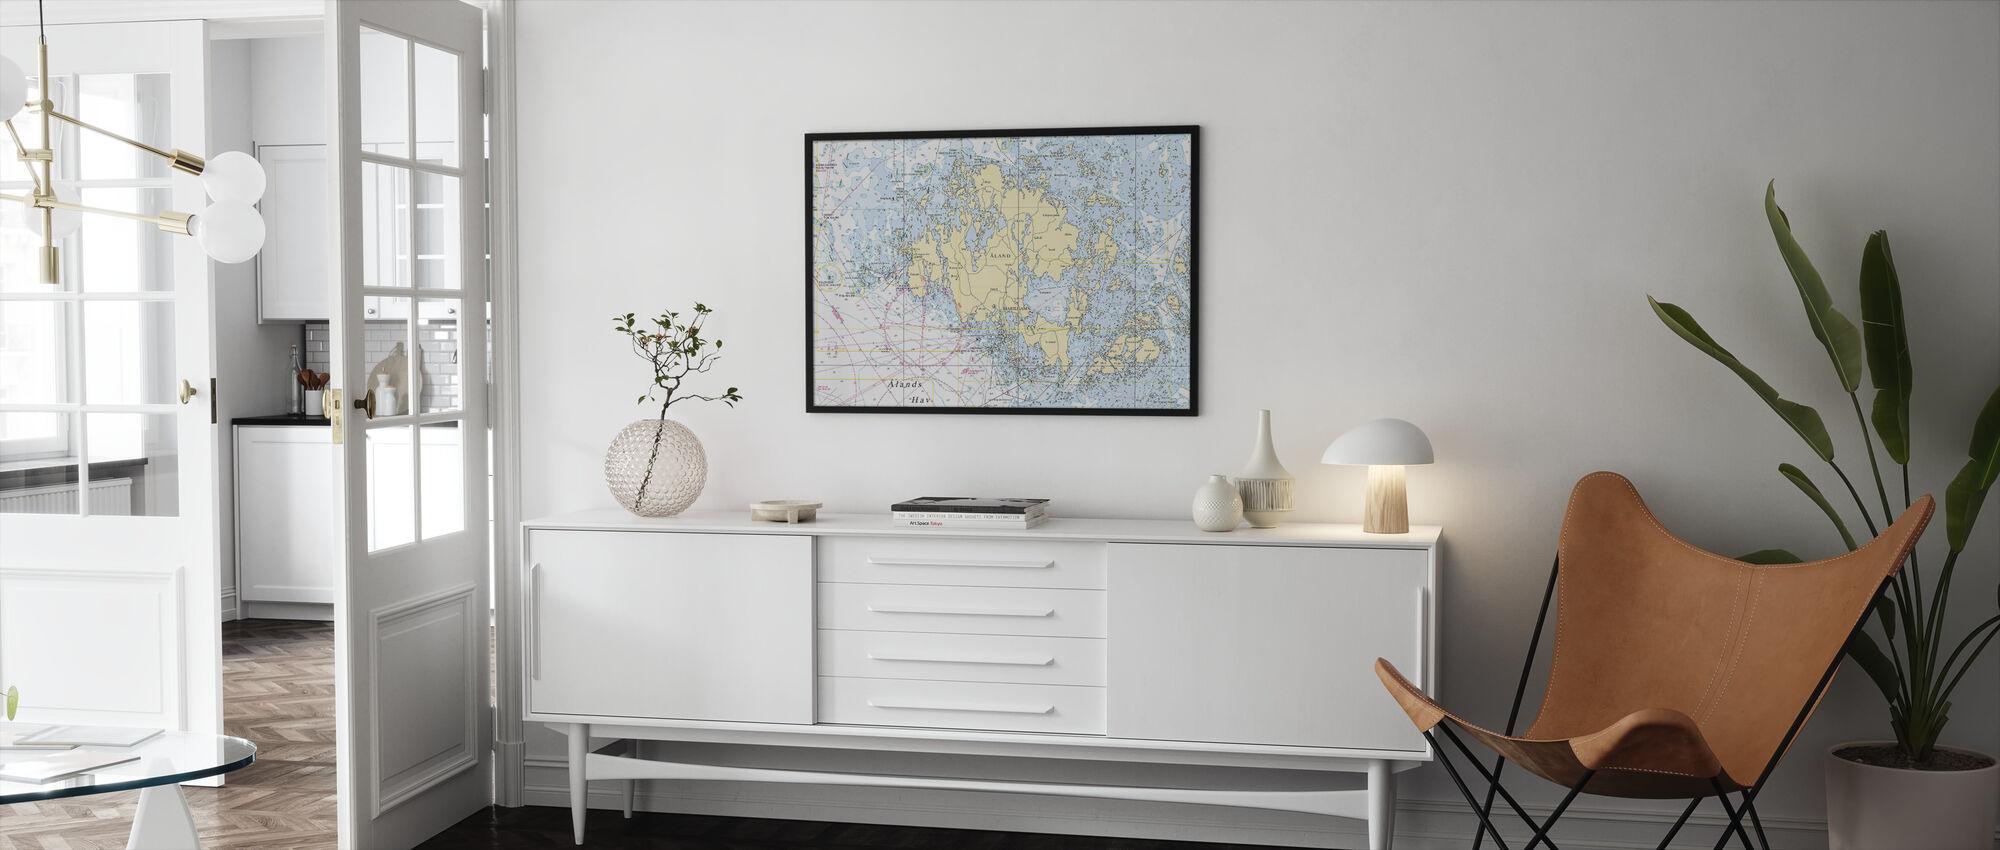 Åland-øgruppen - Indrammet billede - Stue